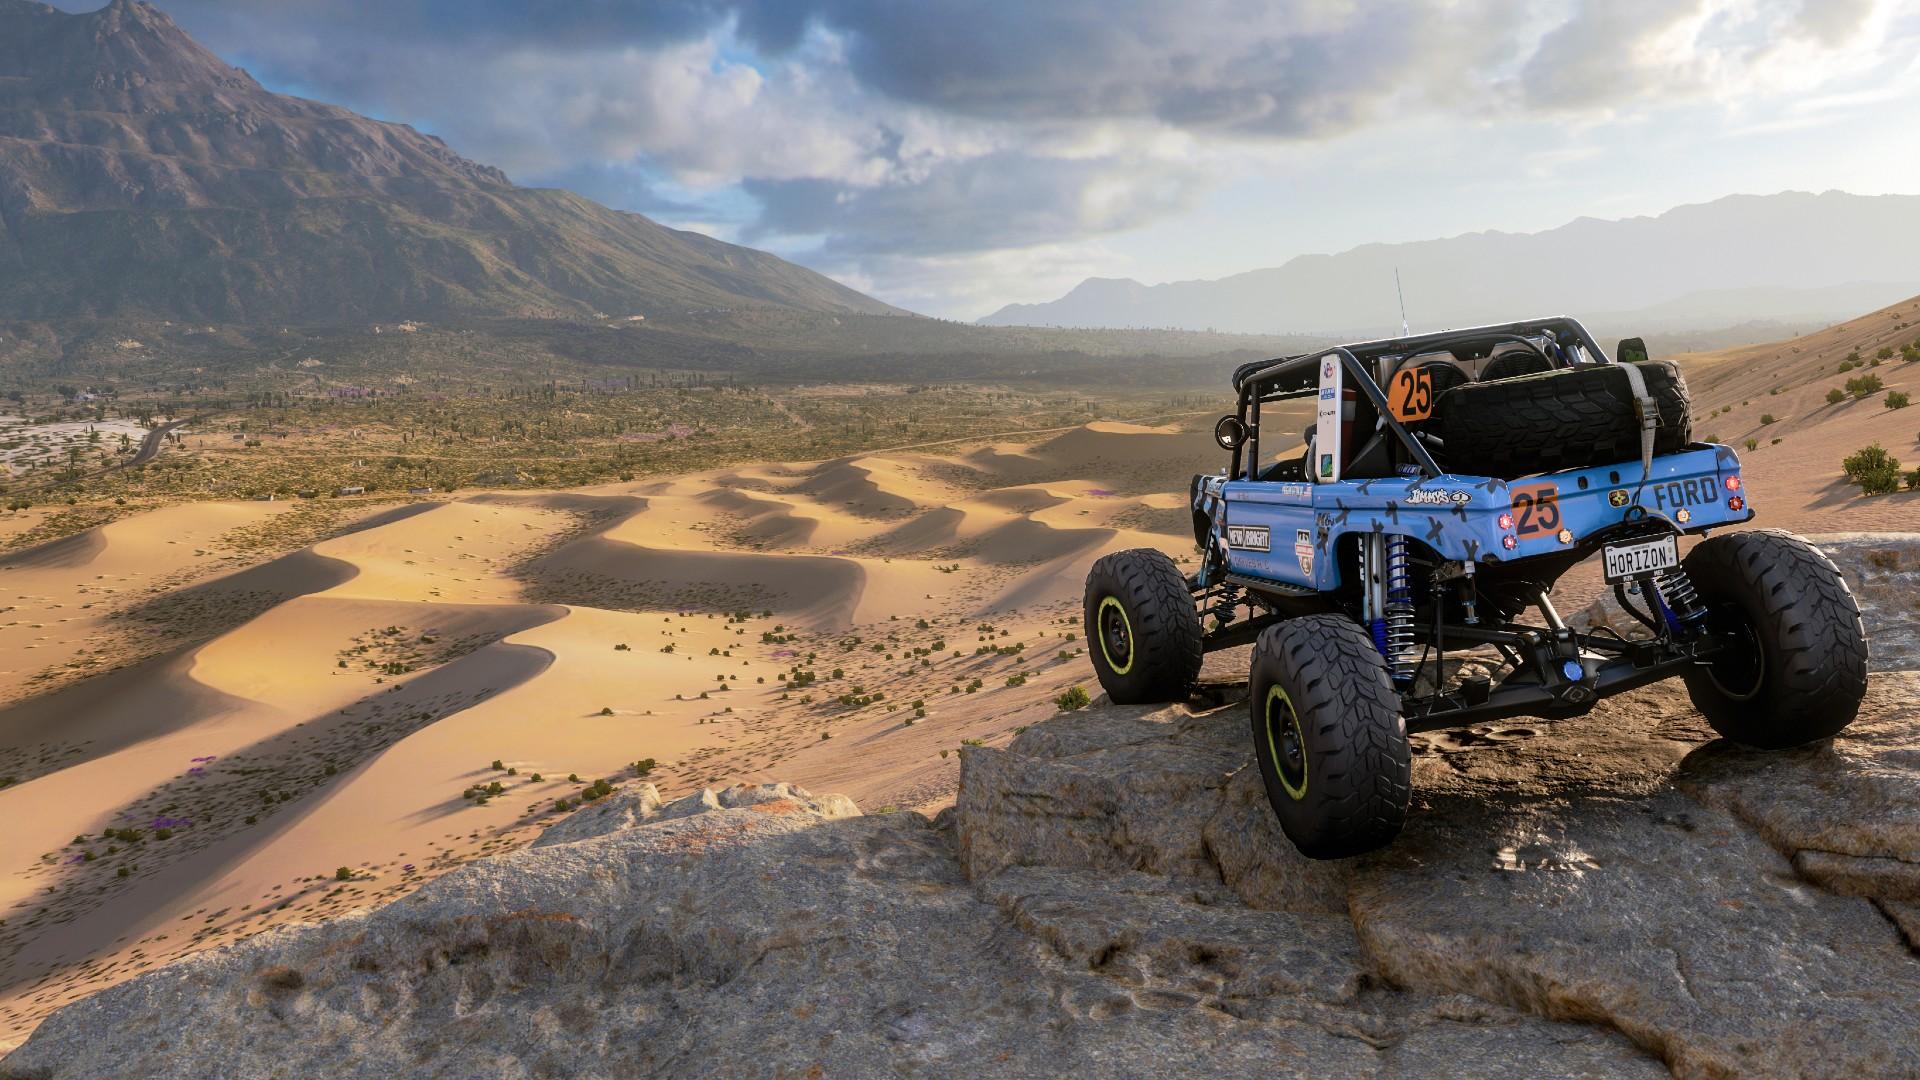 Forza Horizon 5's Meksiko